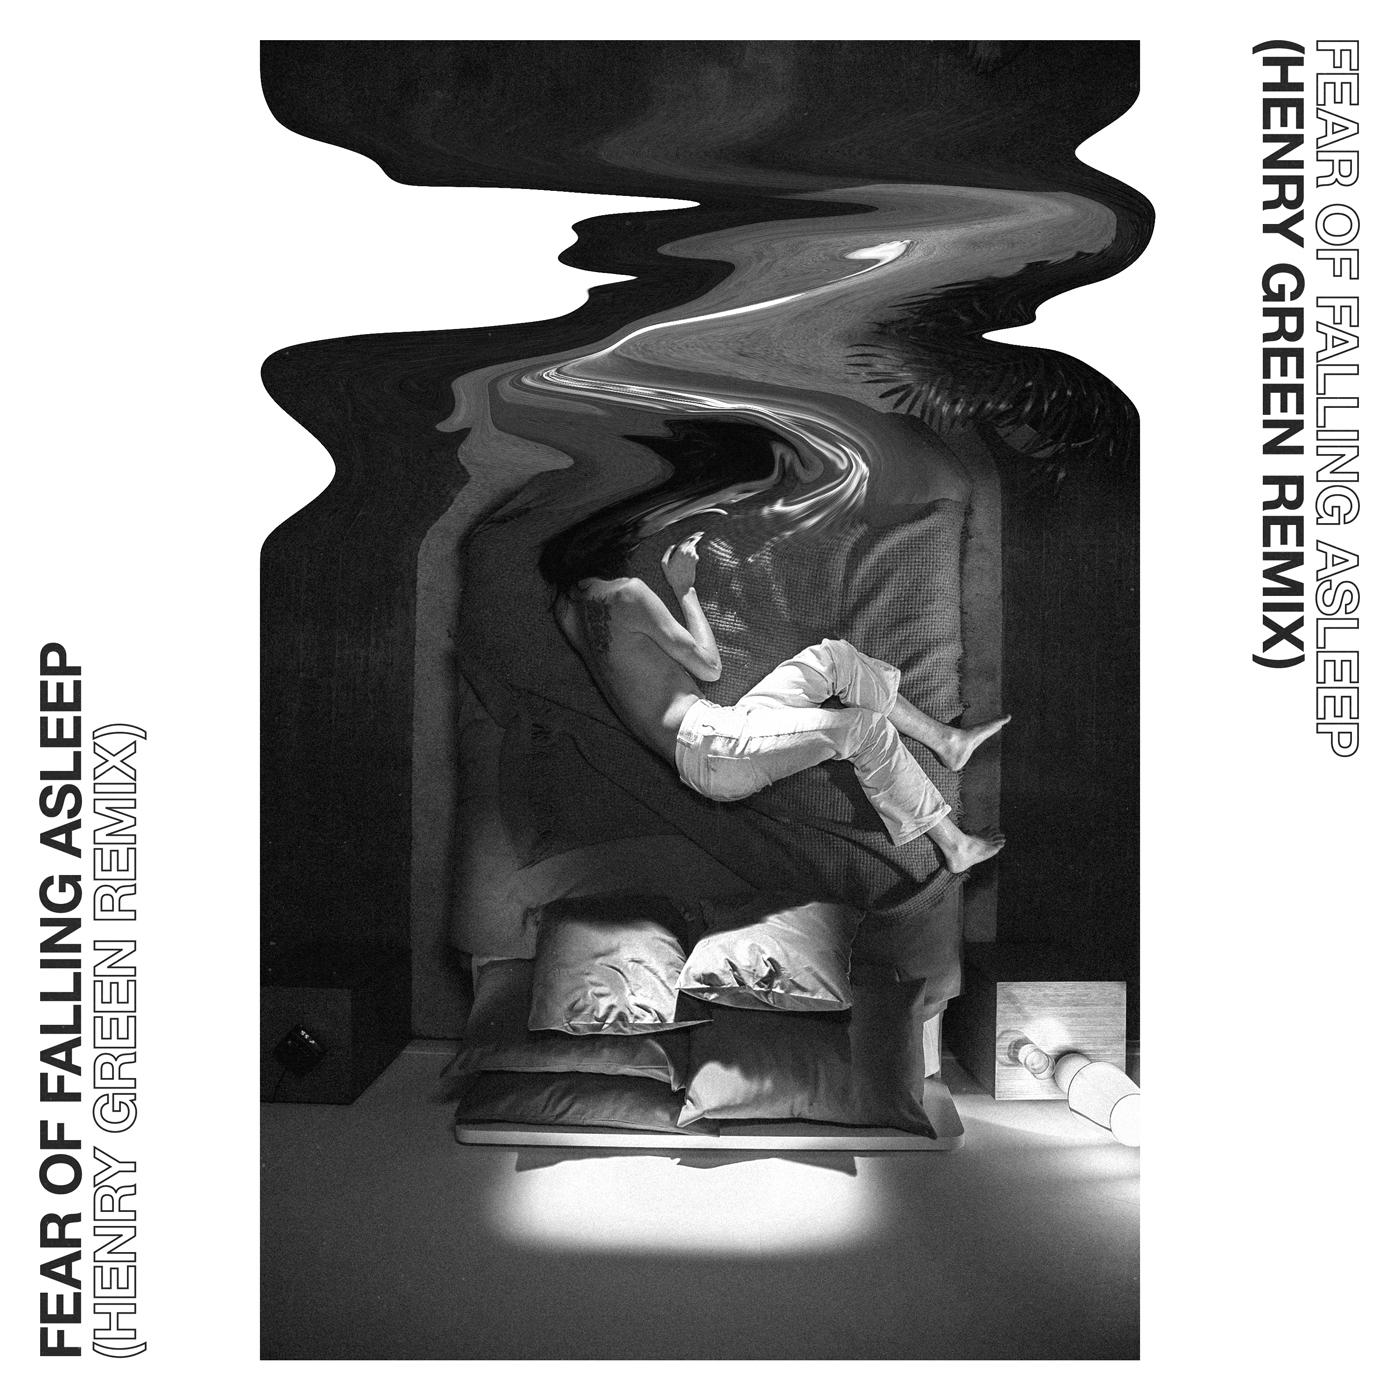 TENDER-Remix-Fear_Of_Falling_Asleep-Henry_Green-Cover_1400.jpg